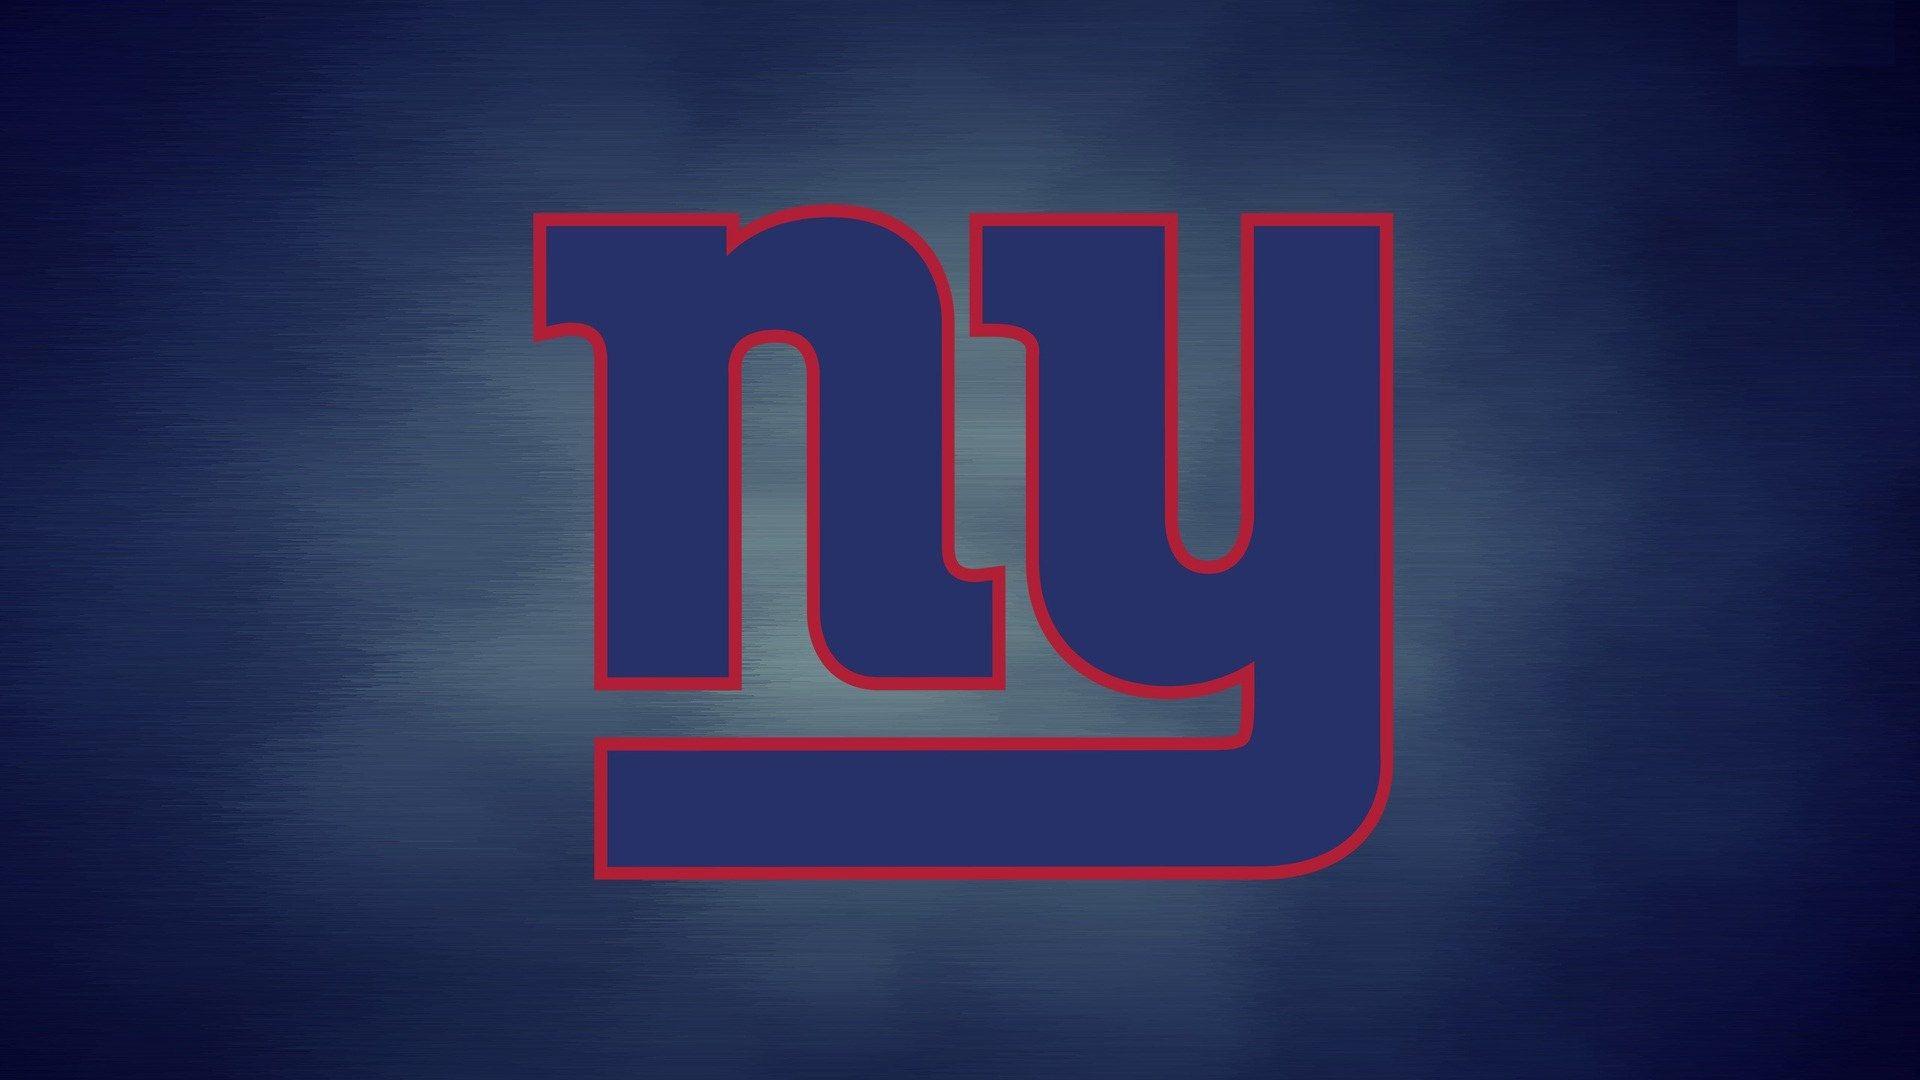 Hd Giants Wallpaper Free New York Giants New York Giants Football Ny Giants